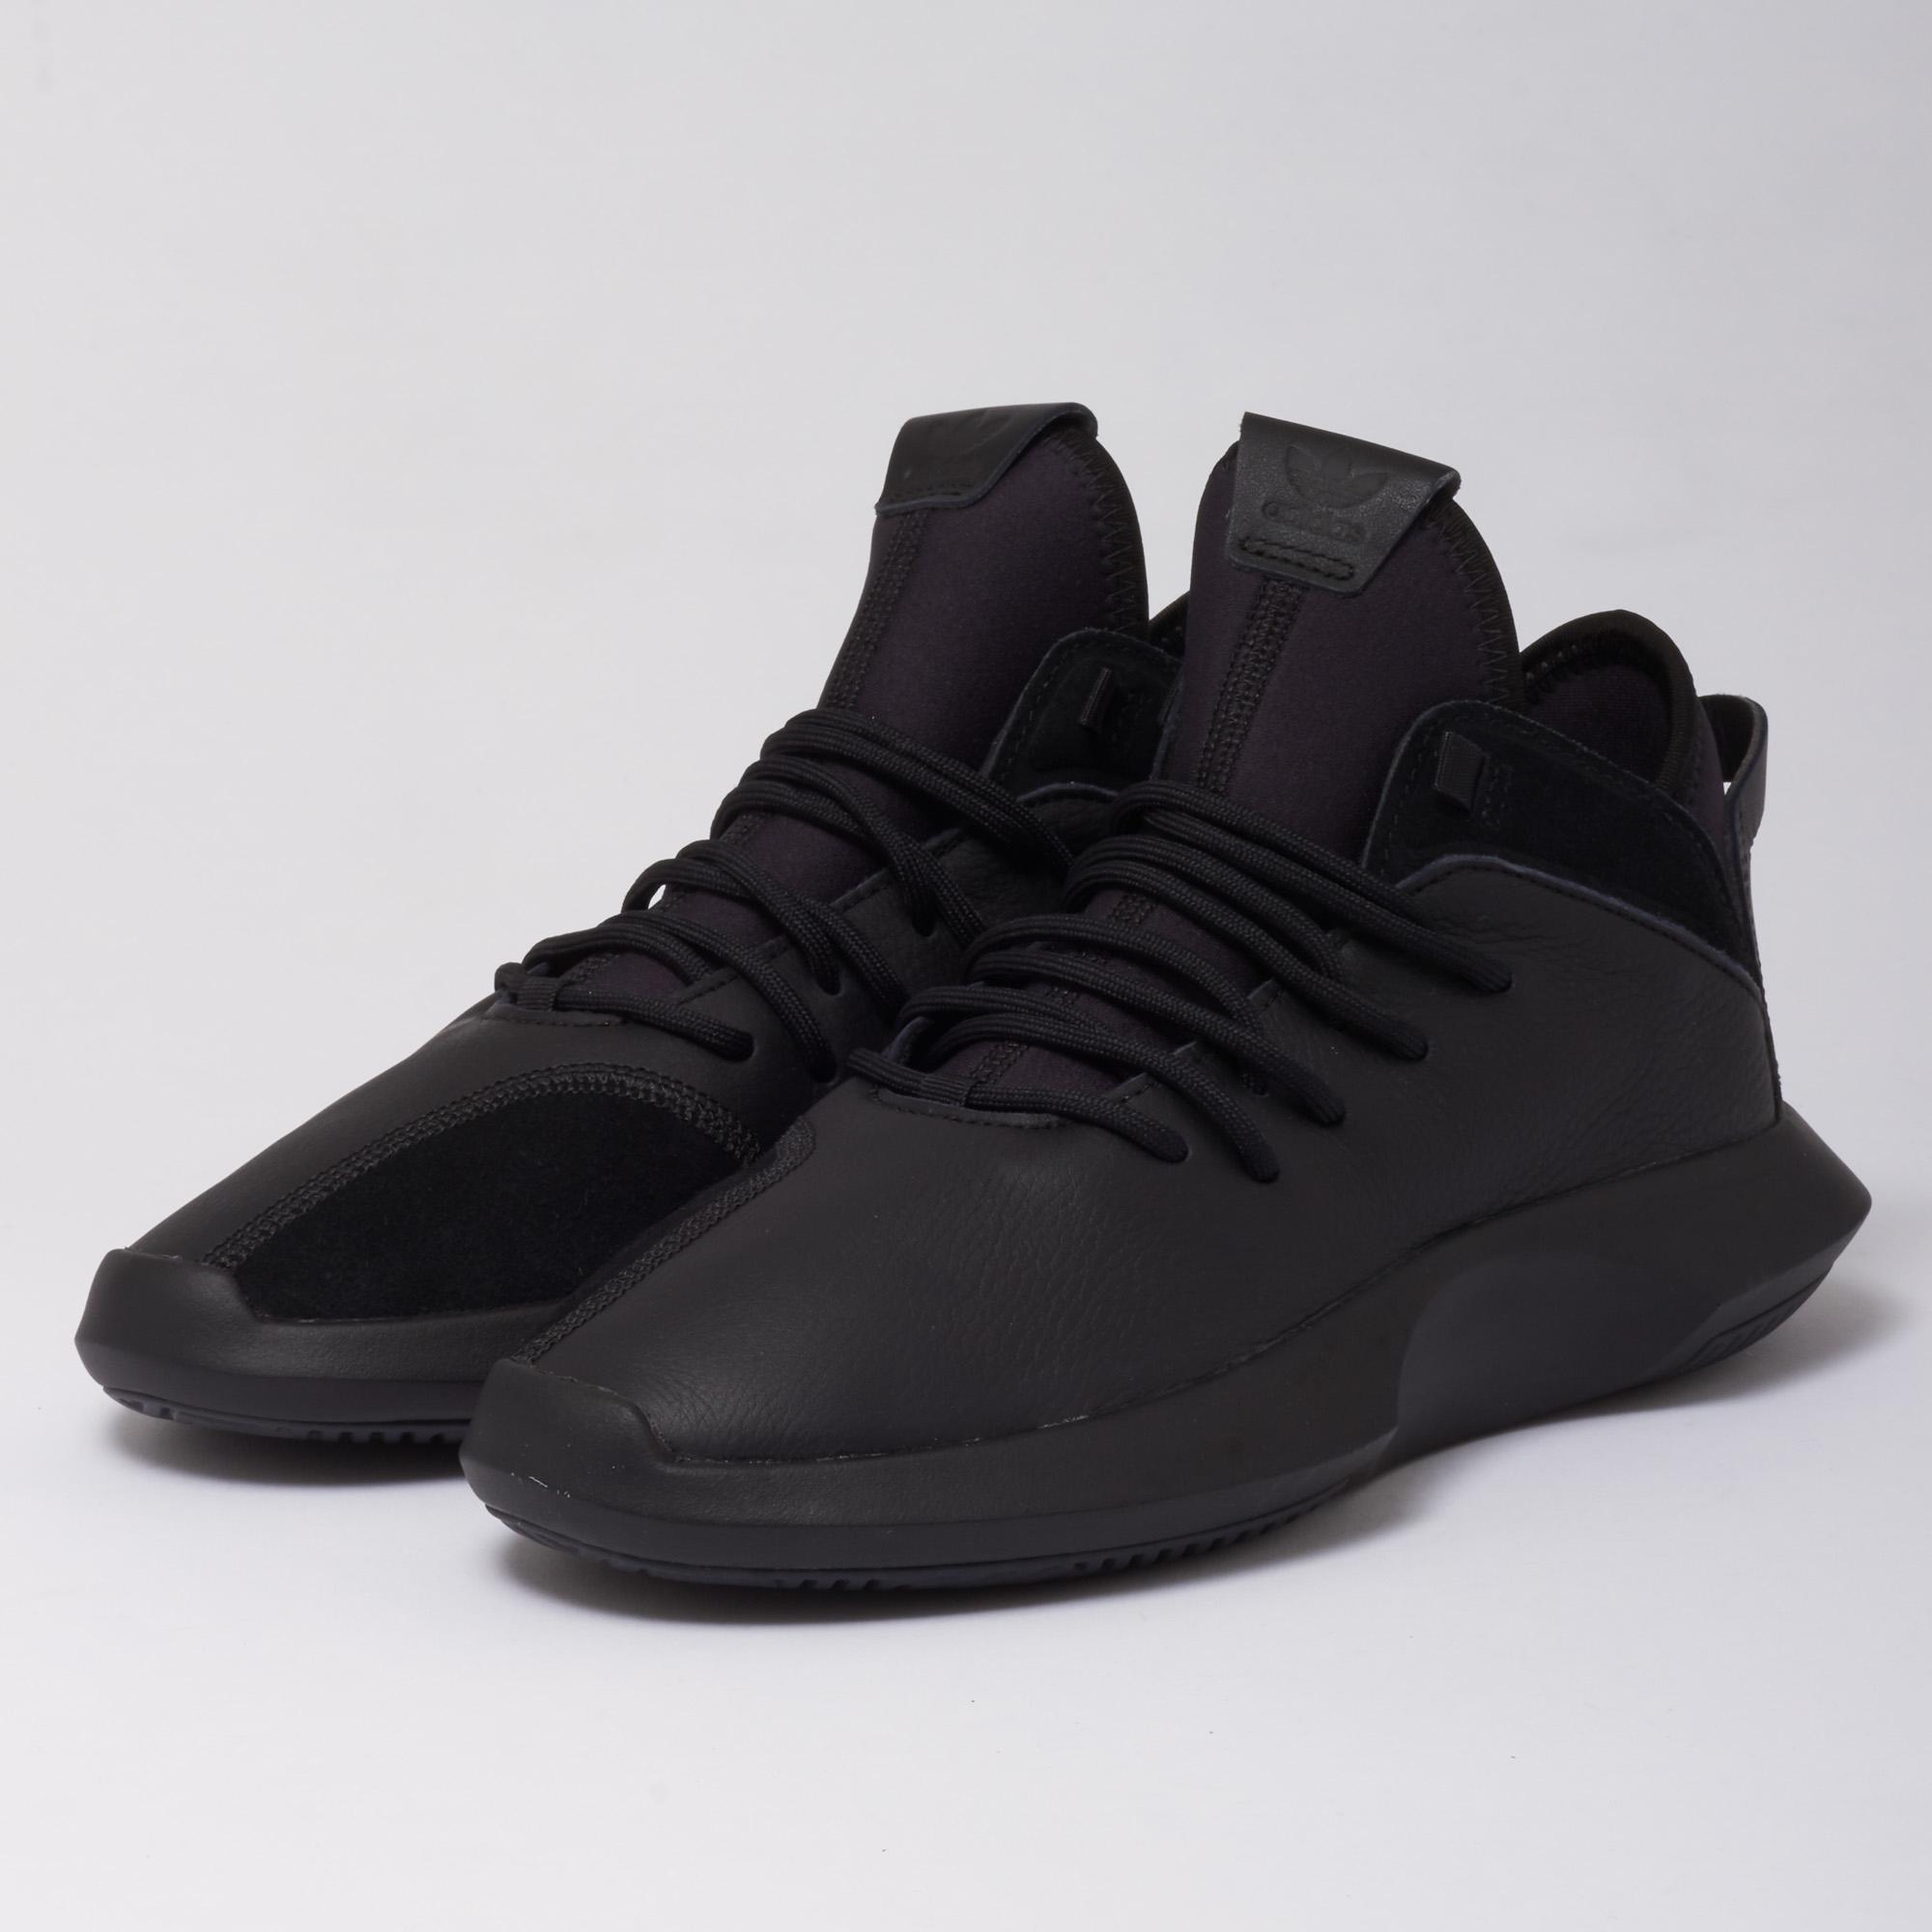 ... new lifestyle d91ff d21d8 ... adidas originals. mens black crazy 1 adv  primeknit ... 516645be9